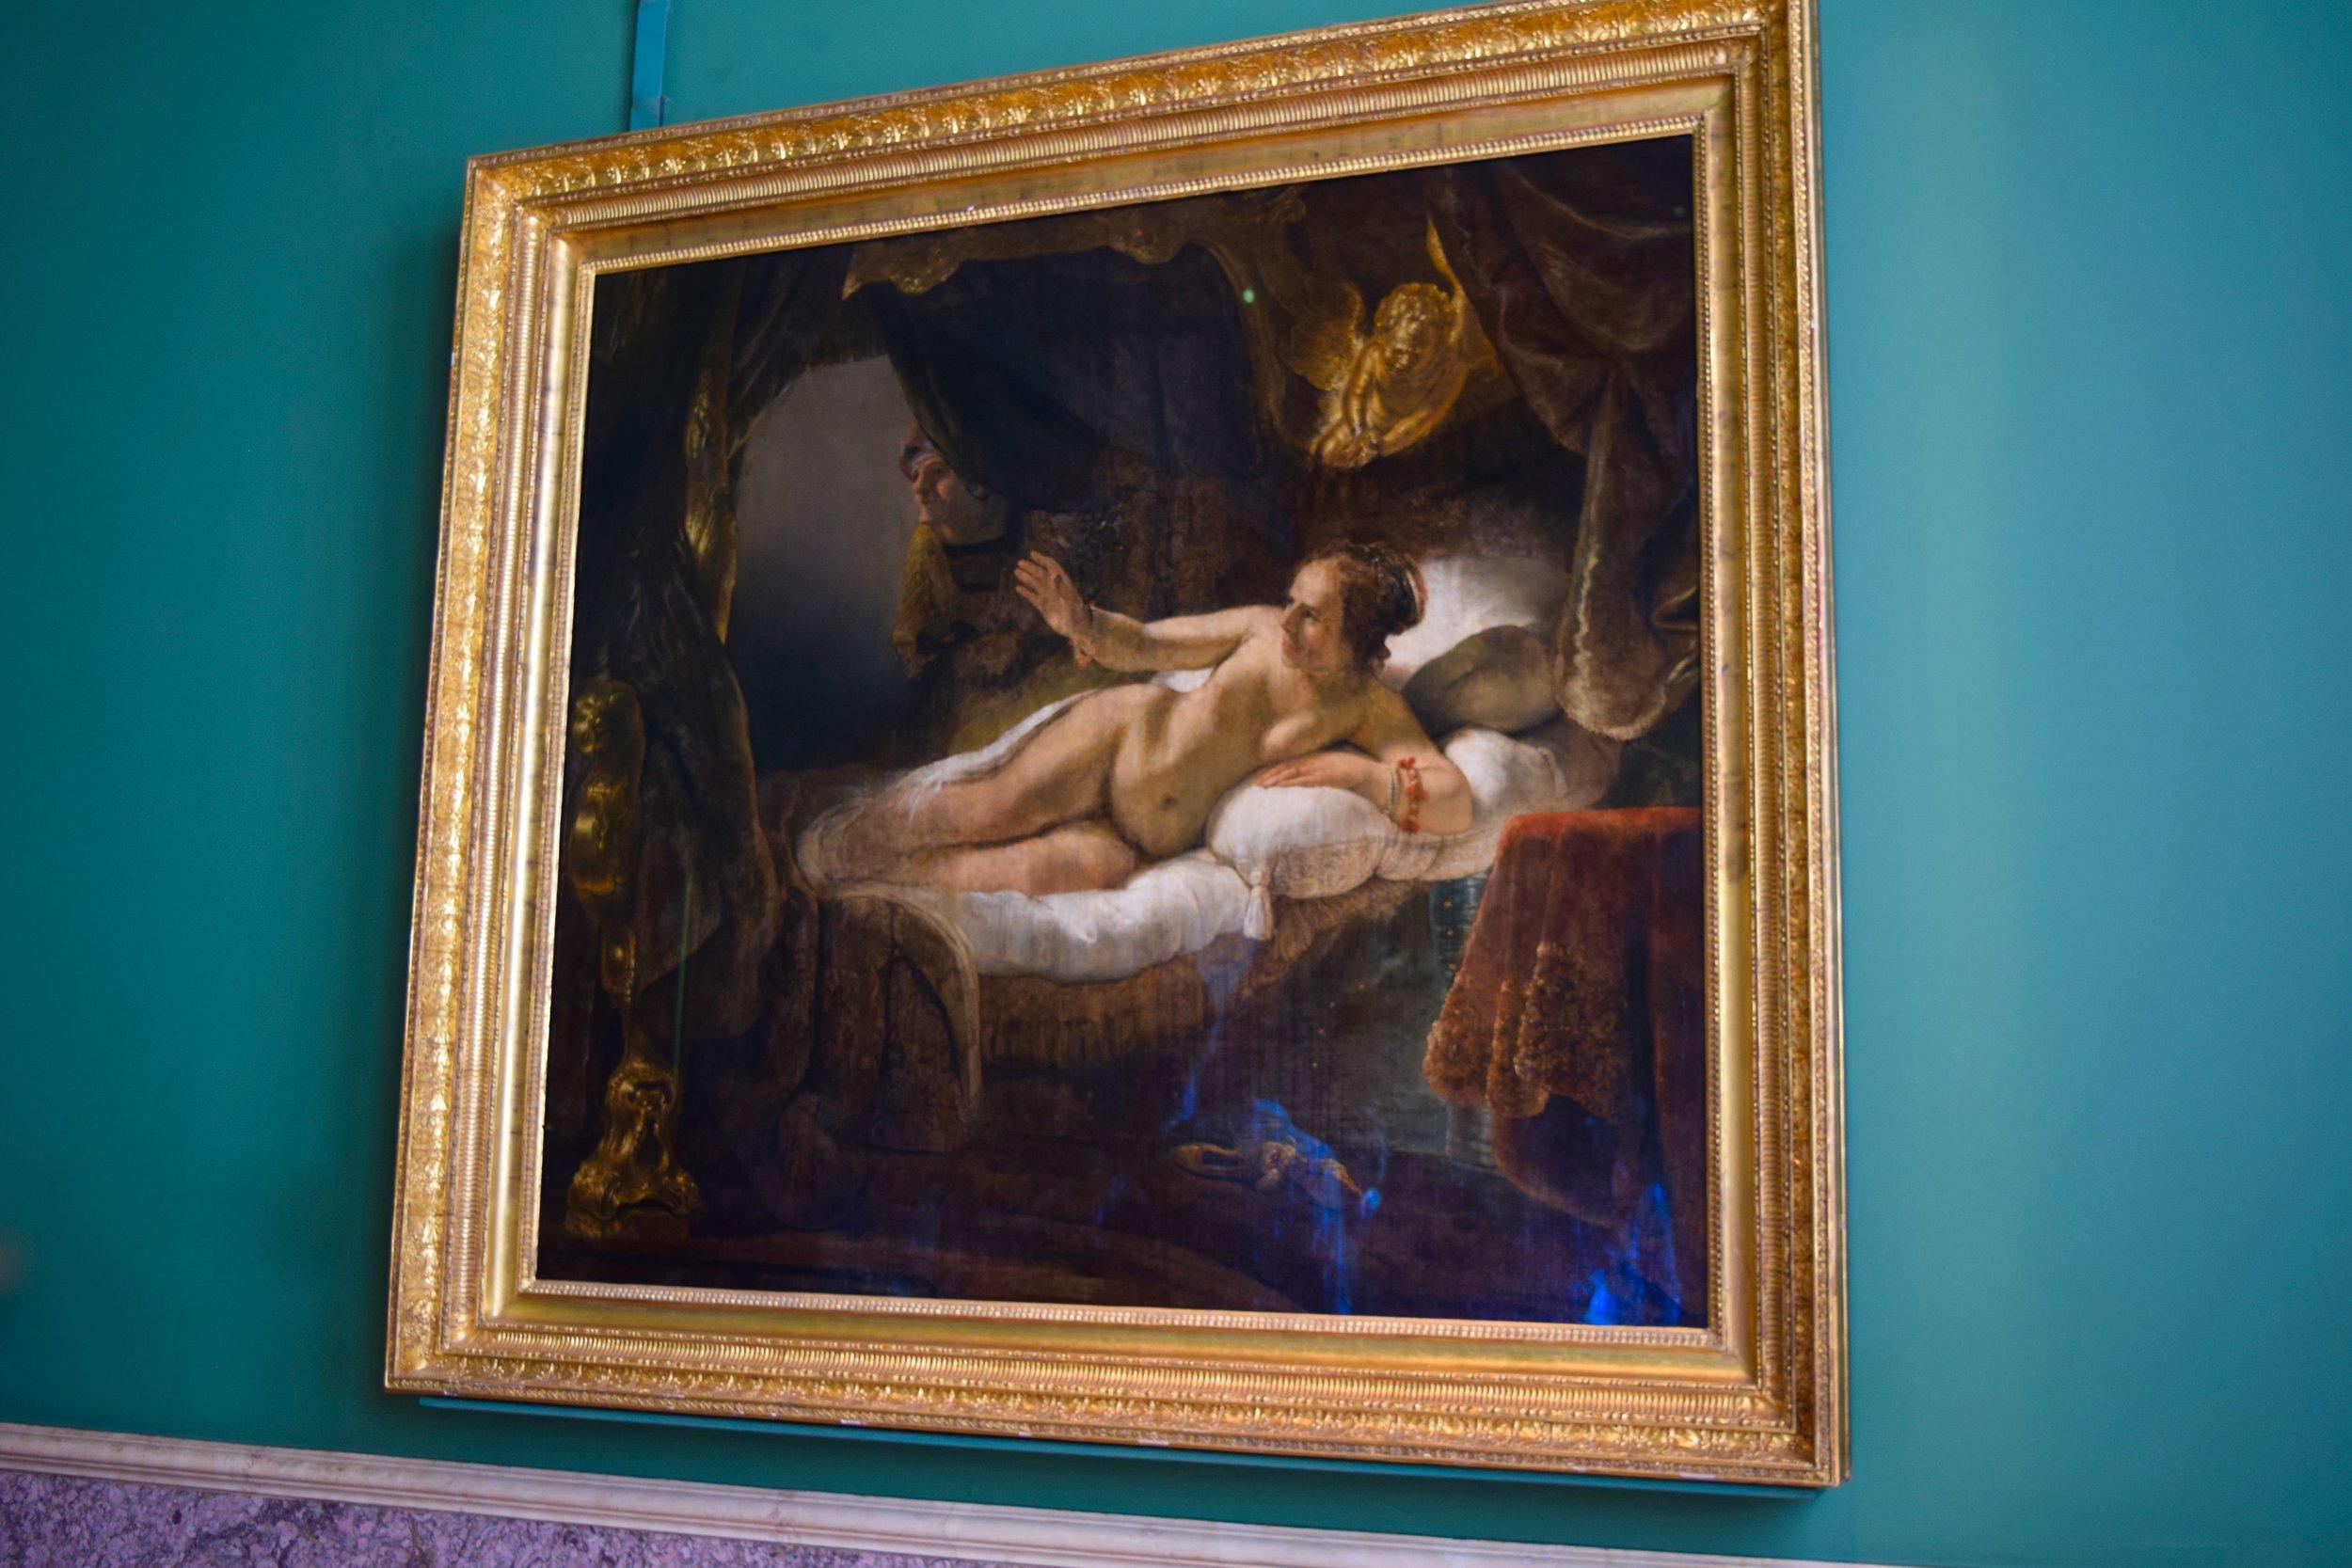 Danaë by Rembrandt